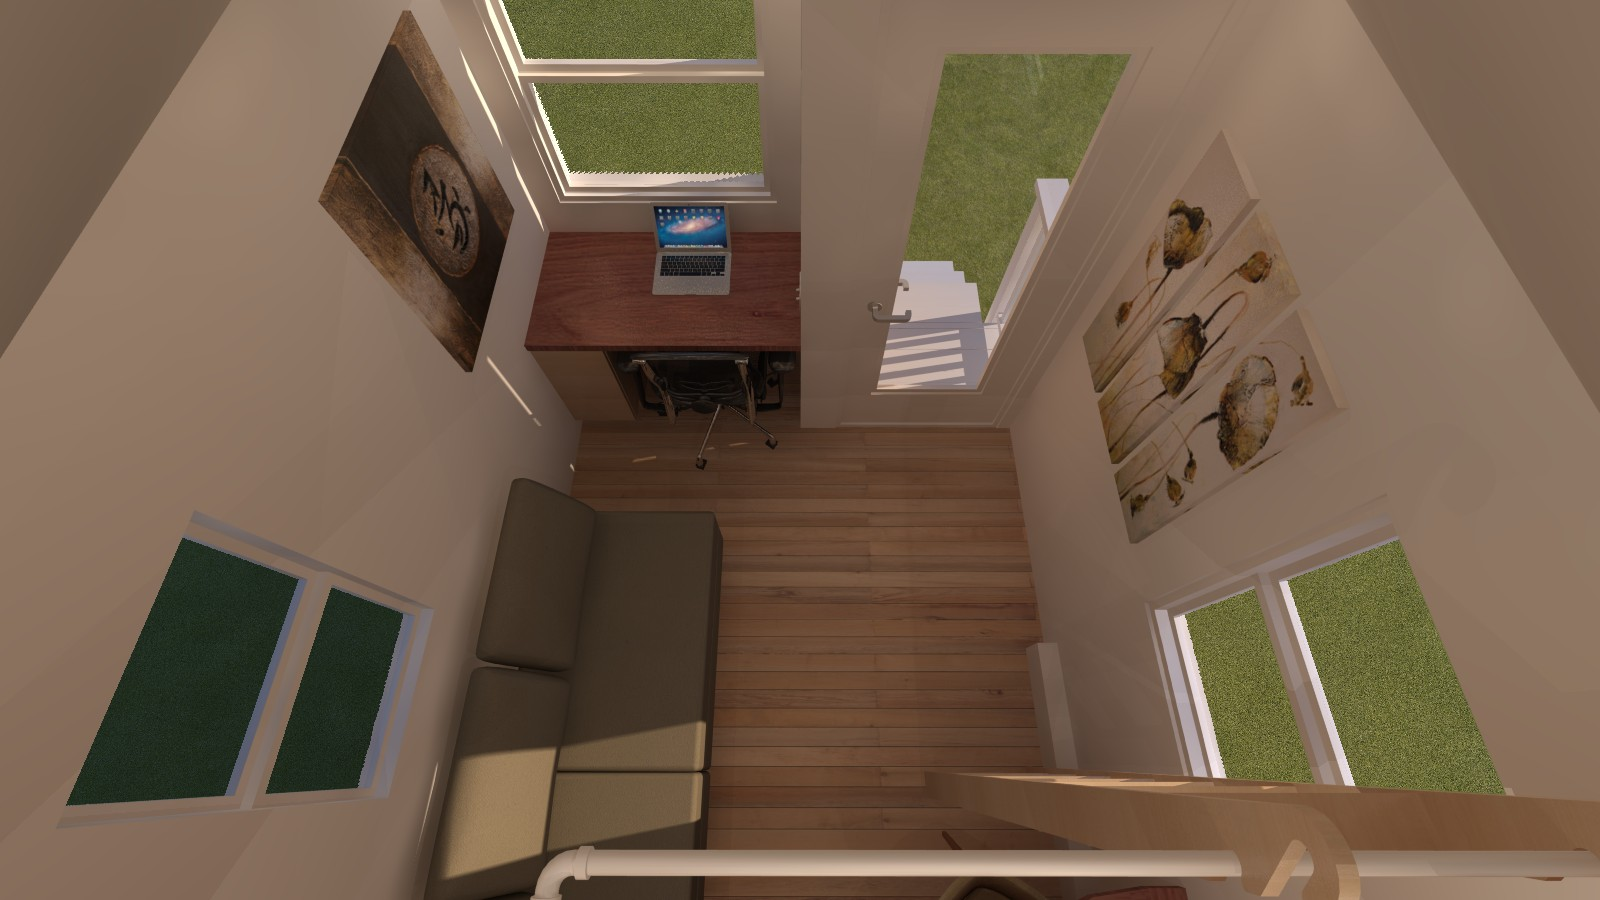 Caspar 20 Tiny House Interior View from Loft